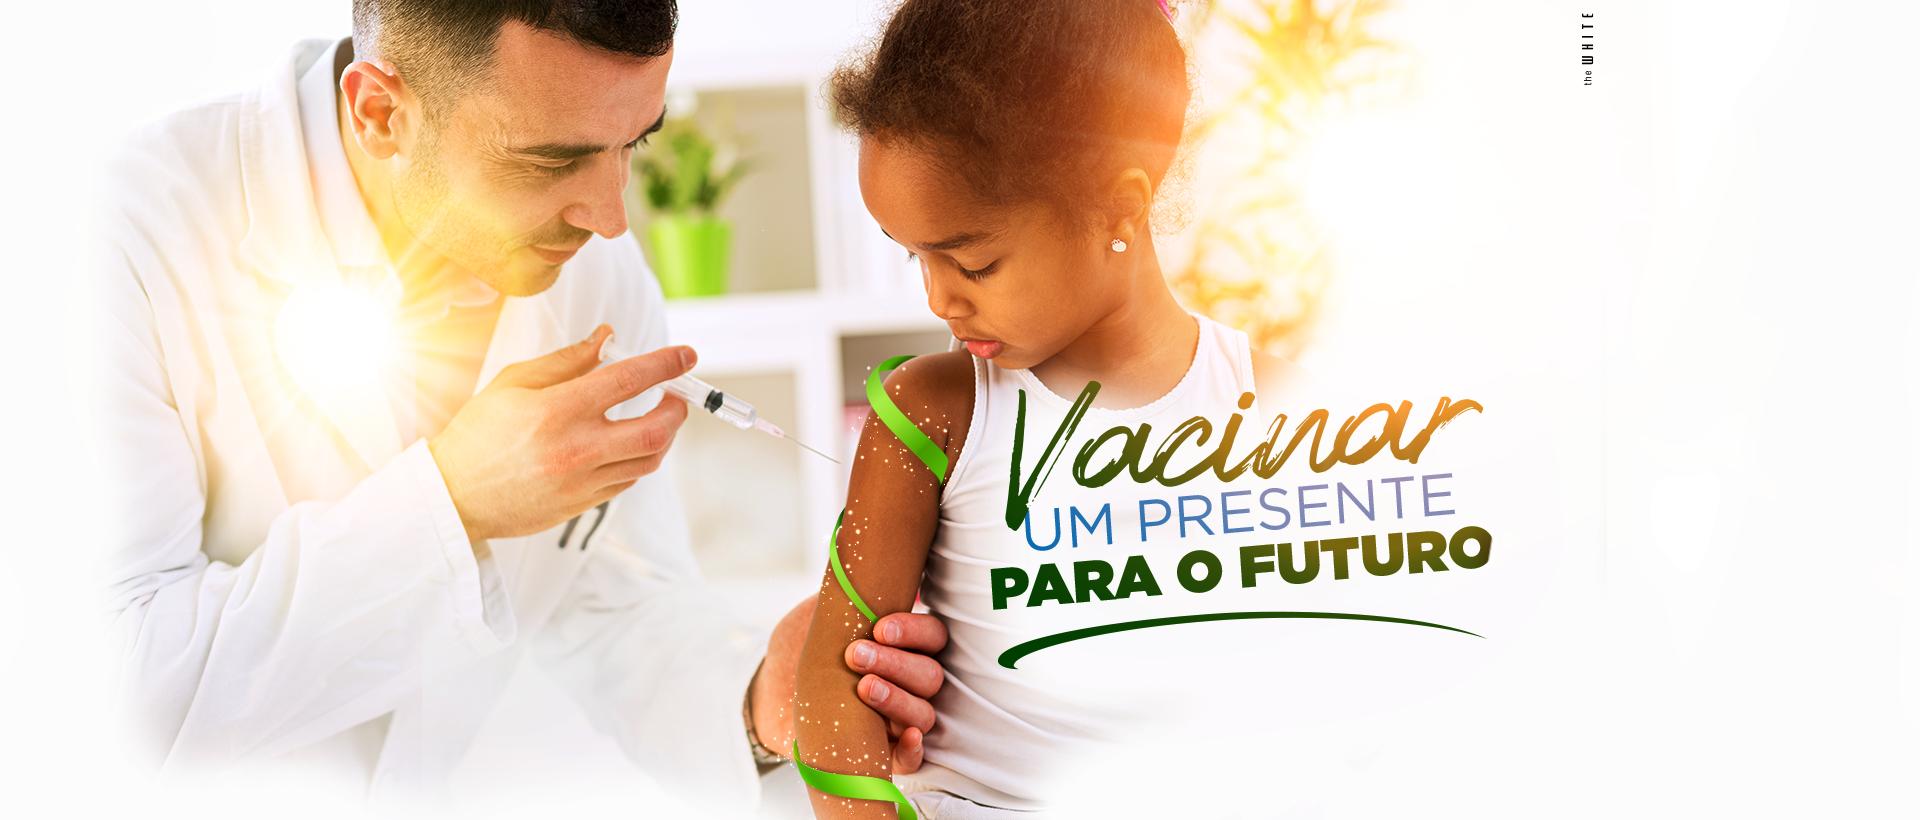 Vacinar um presente para o Futuro